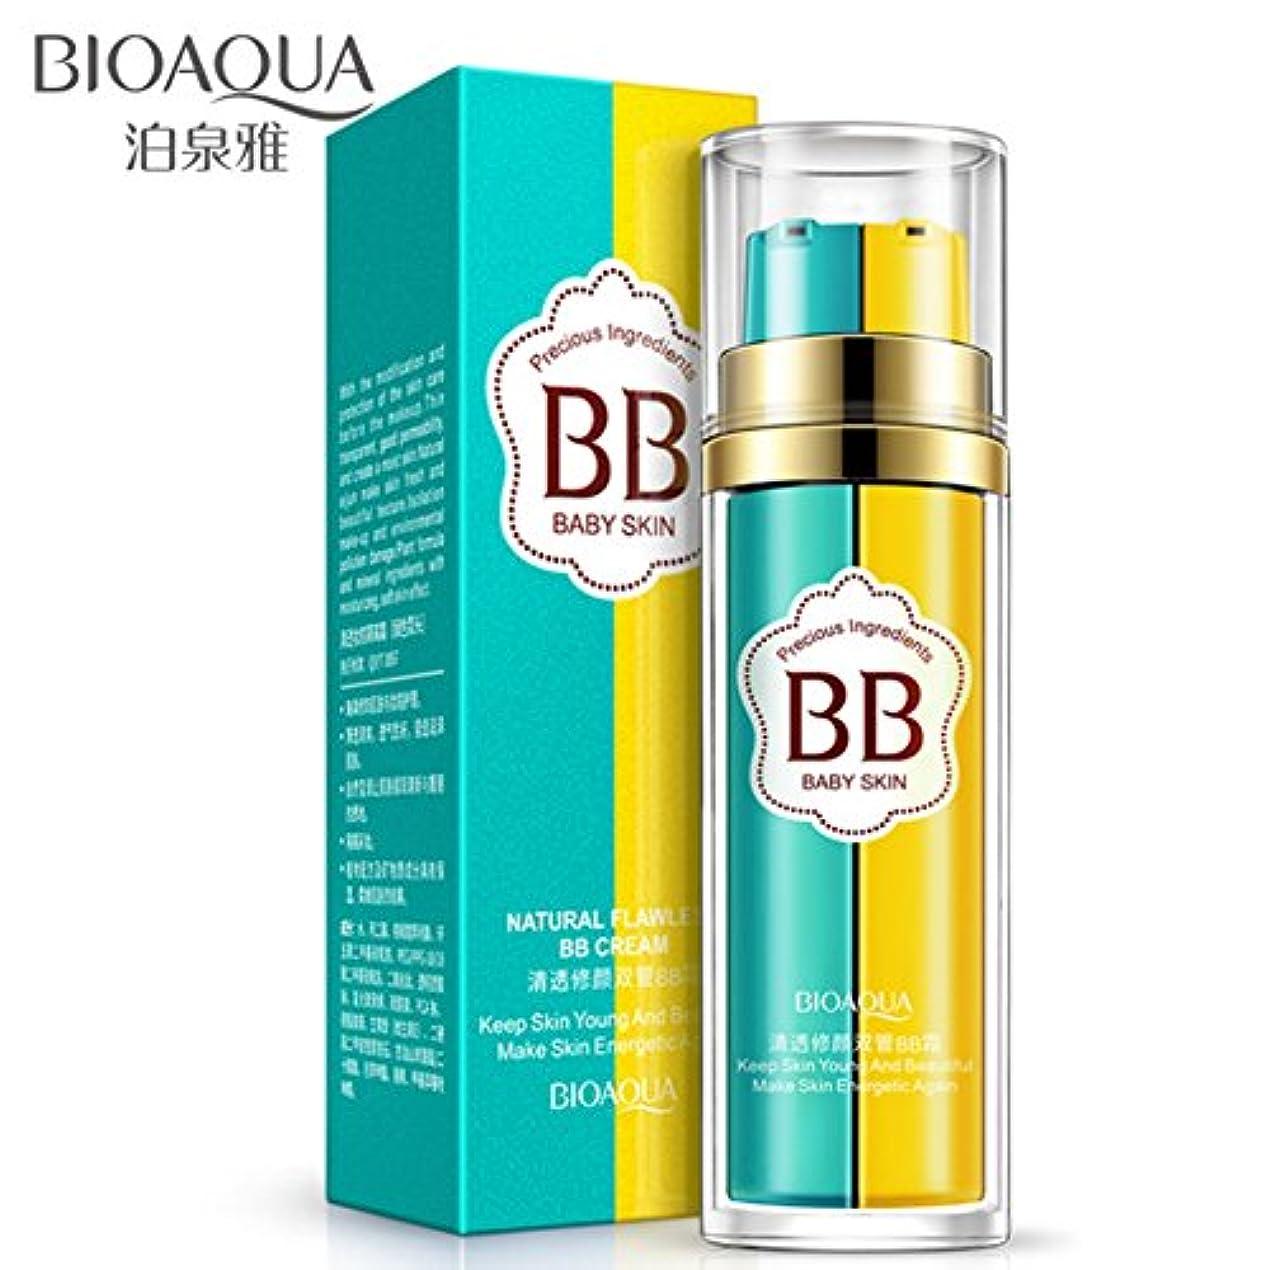 産地柔和適合2 In 1 BBクリームBIOAQUA Pre-makeupファンデーション&コンシーラーMoisturizing Nourdeヌードメイク(ナチュラルカラー)